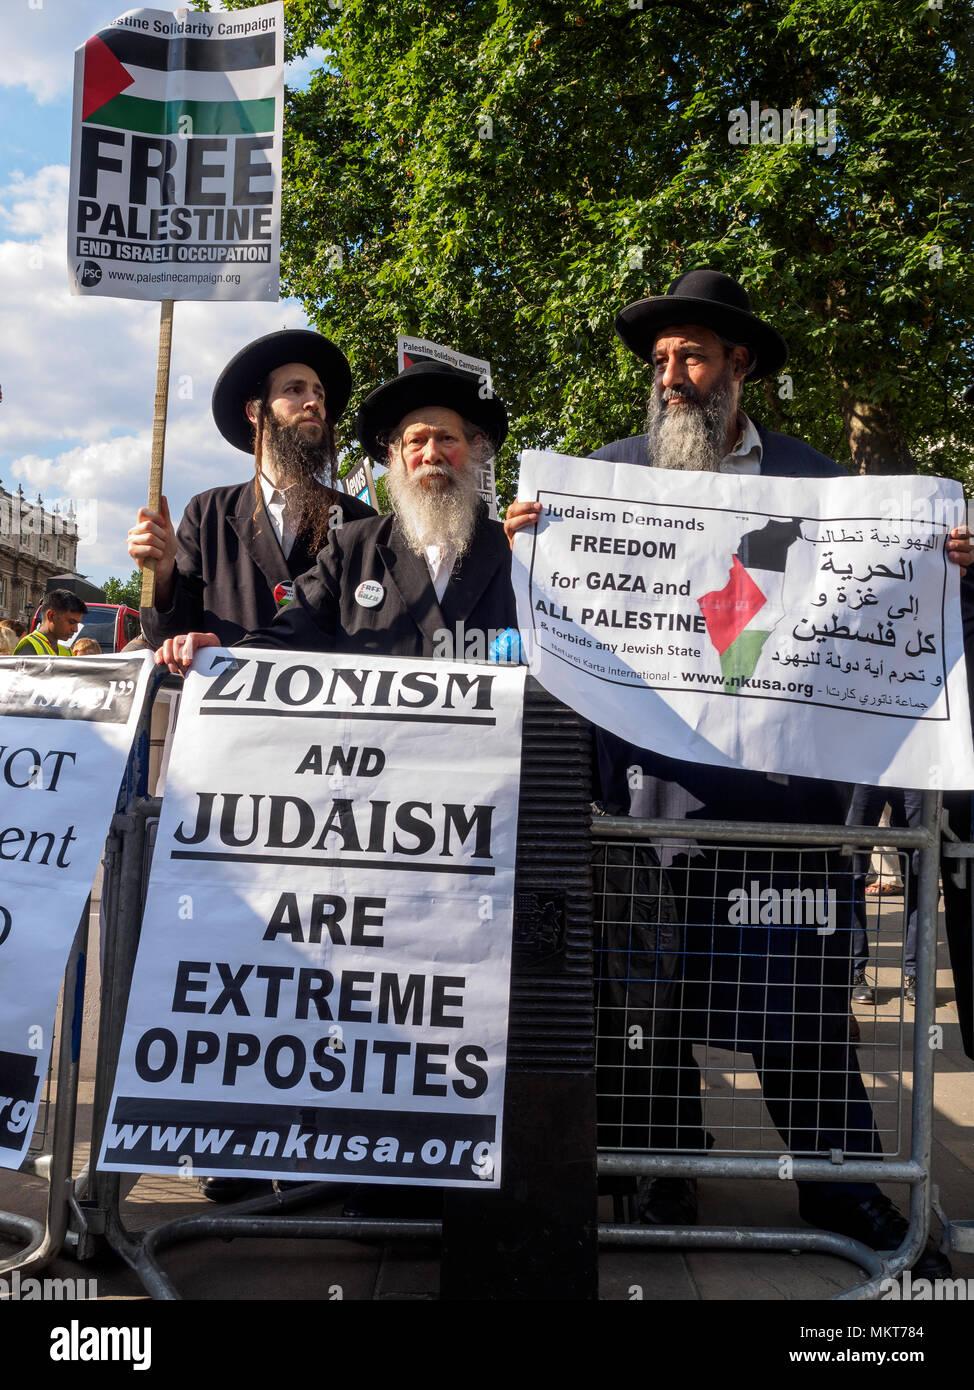 29 luglio 2014 marzo contro il sionismo - ebrei ortodossi di protesta contro i bombardamenti su Gaza - Londra, Inghilterra Immagini Stock